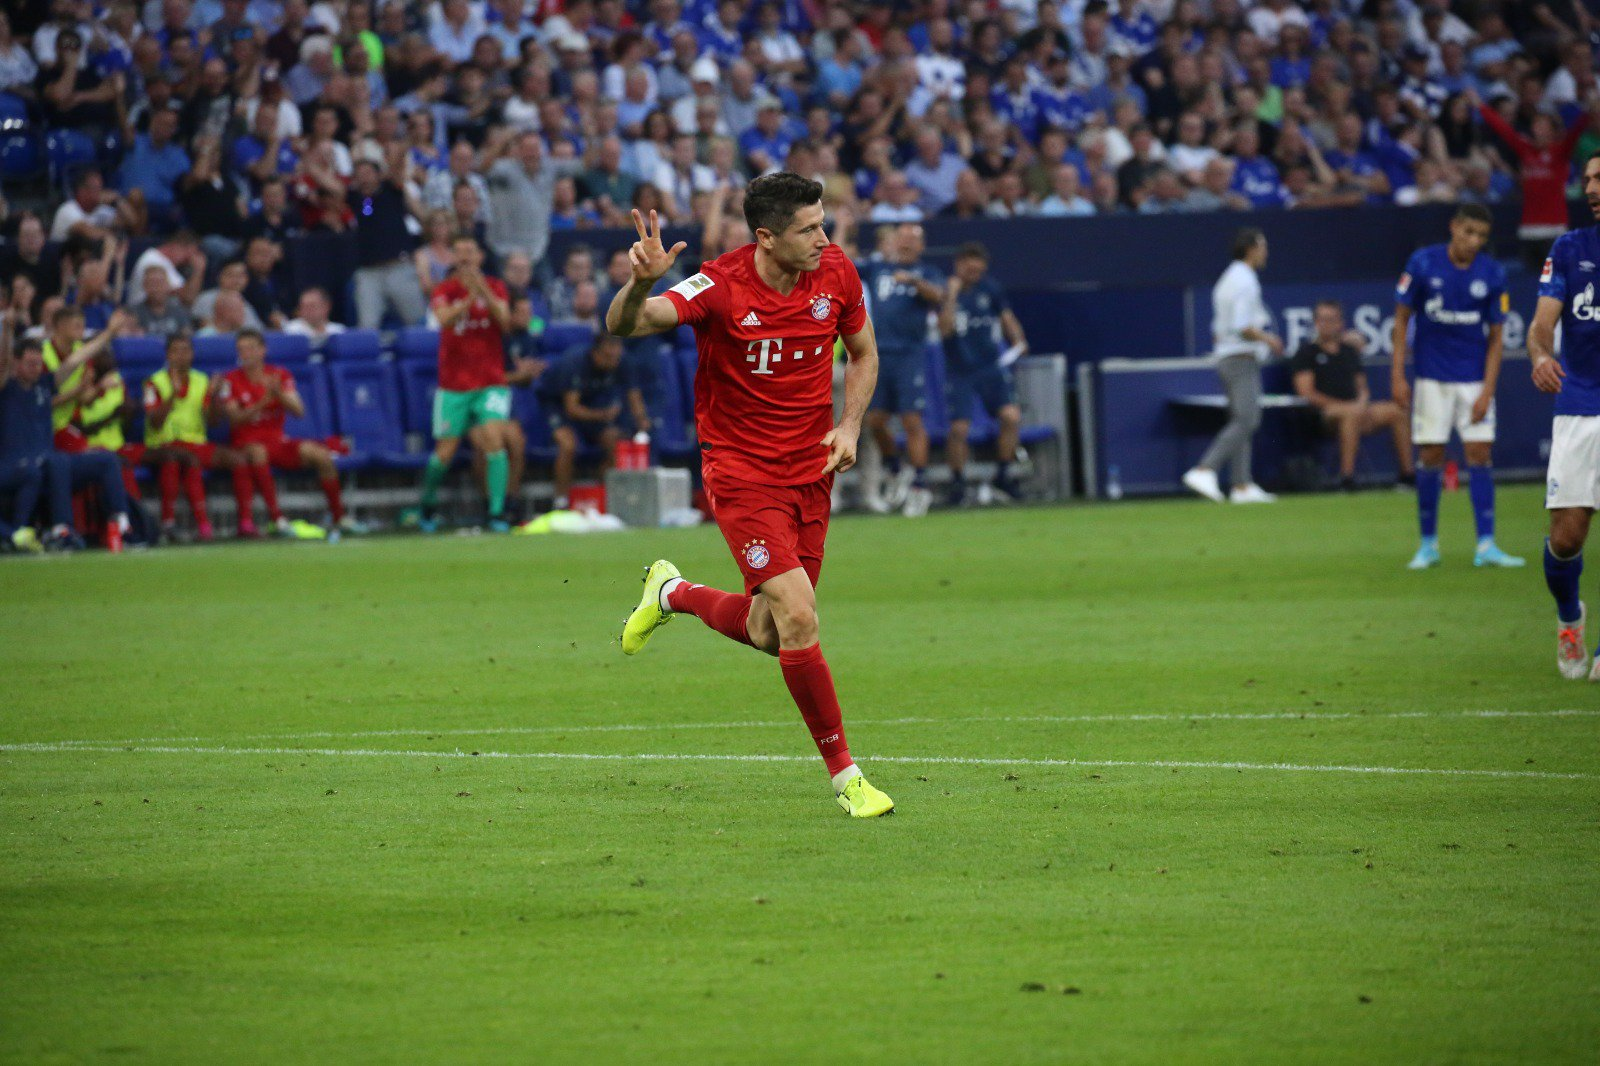 أهداف مباراة برشلونة وملقه 2-0 الدوري الإسباني